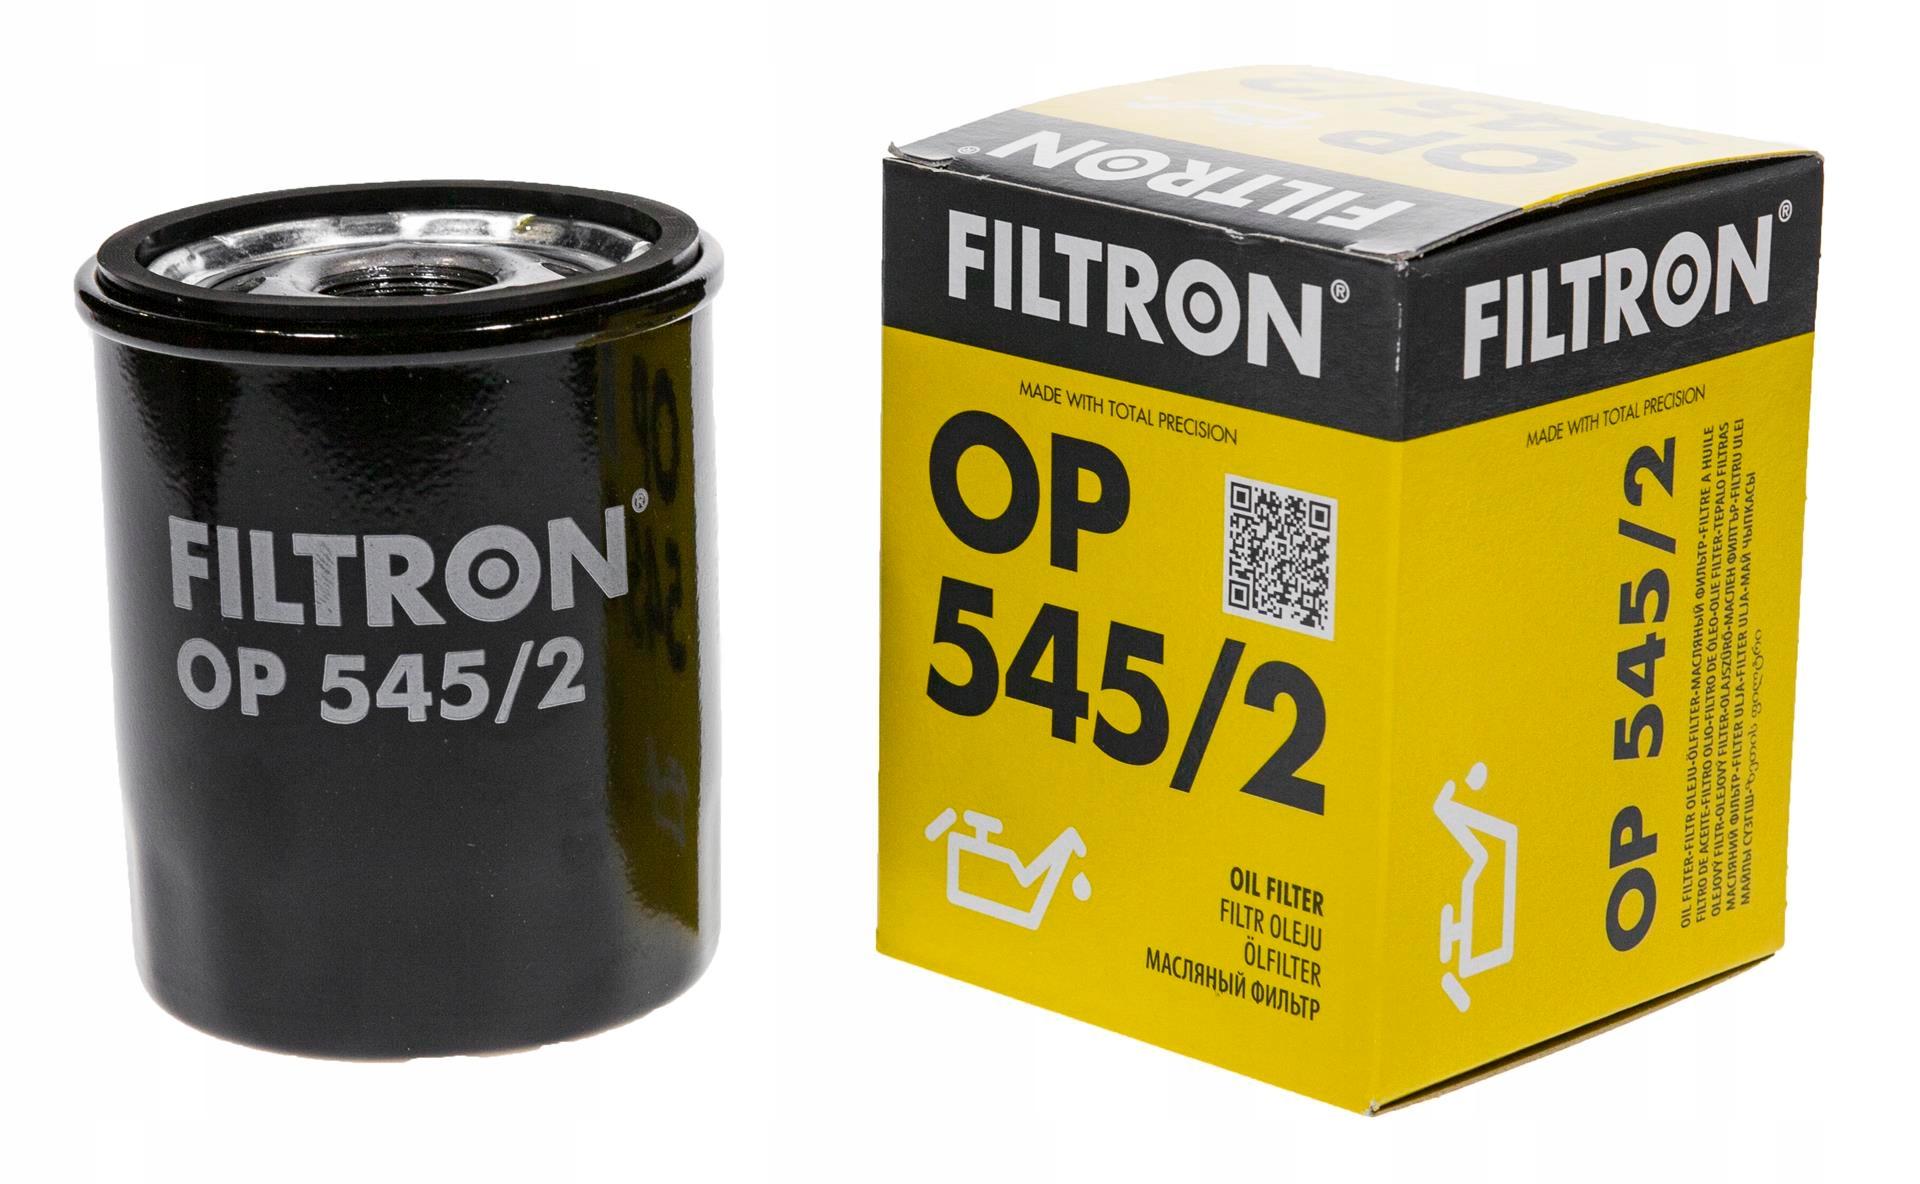 фильтр масла filtron кол-во в упак 5452